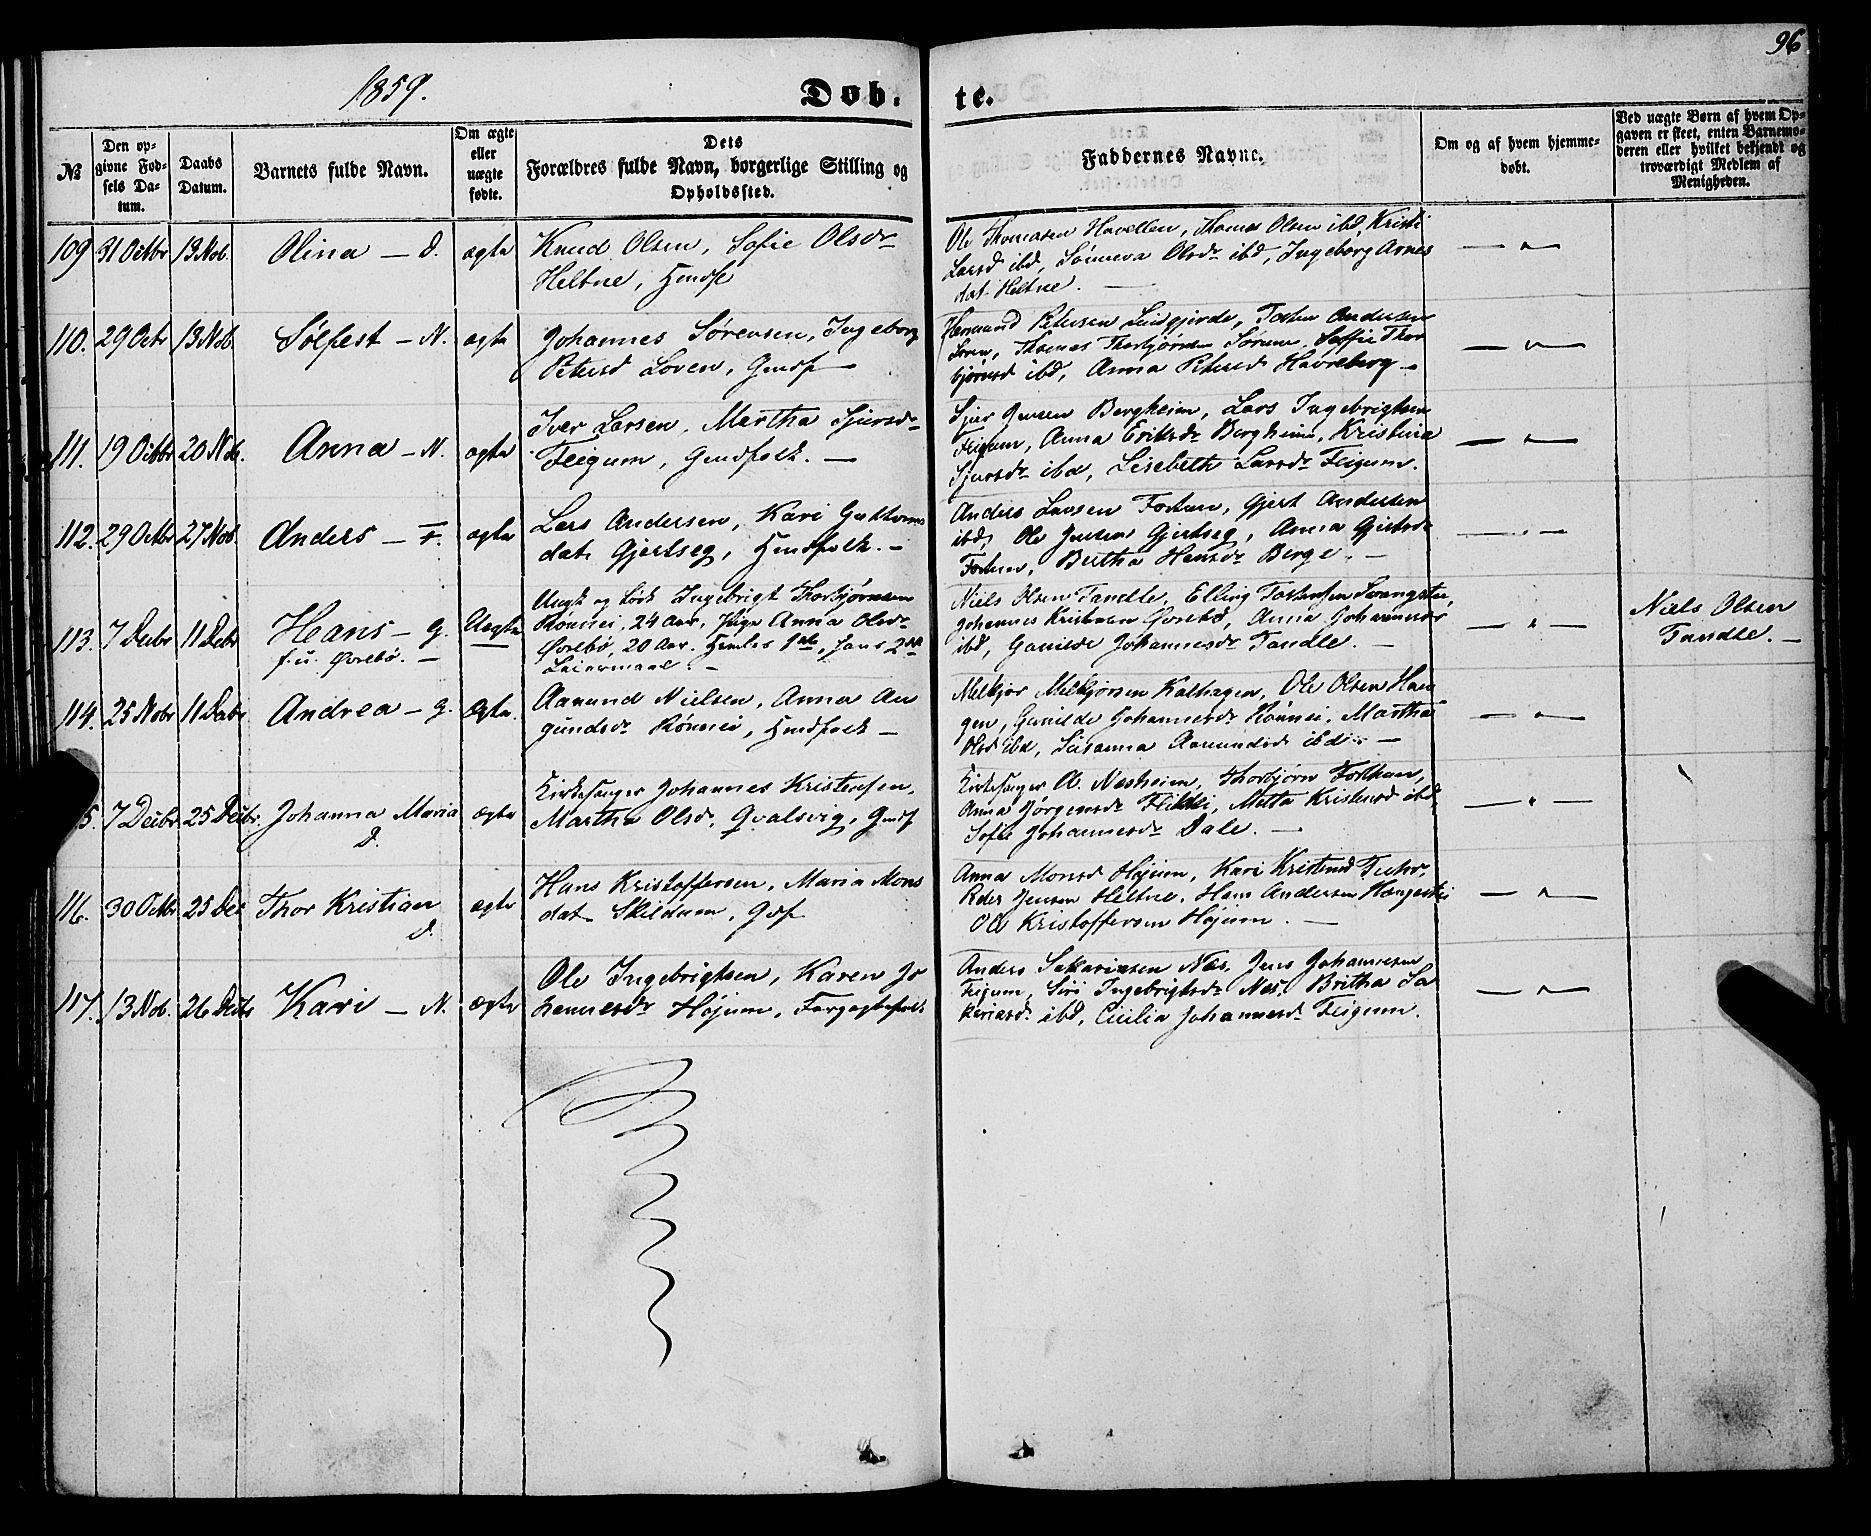 SAB, Luster Sokneprestembete, Ministerialbok nr. A 7, 1849-1859, s. 96